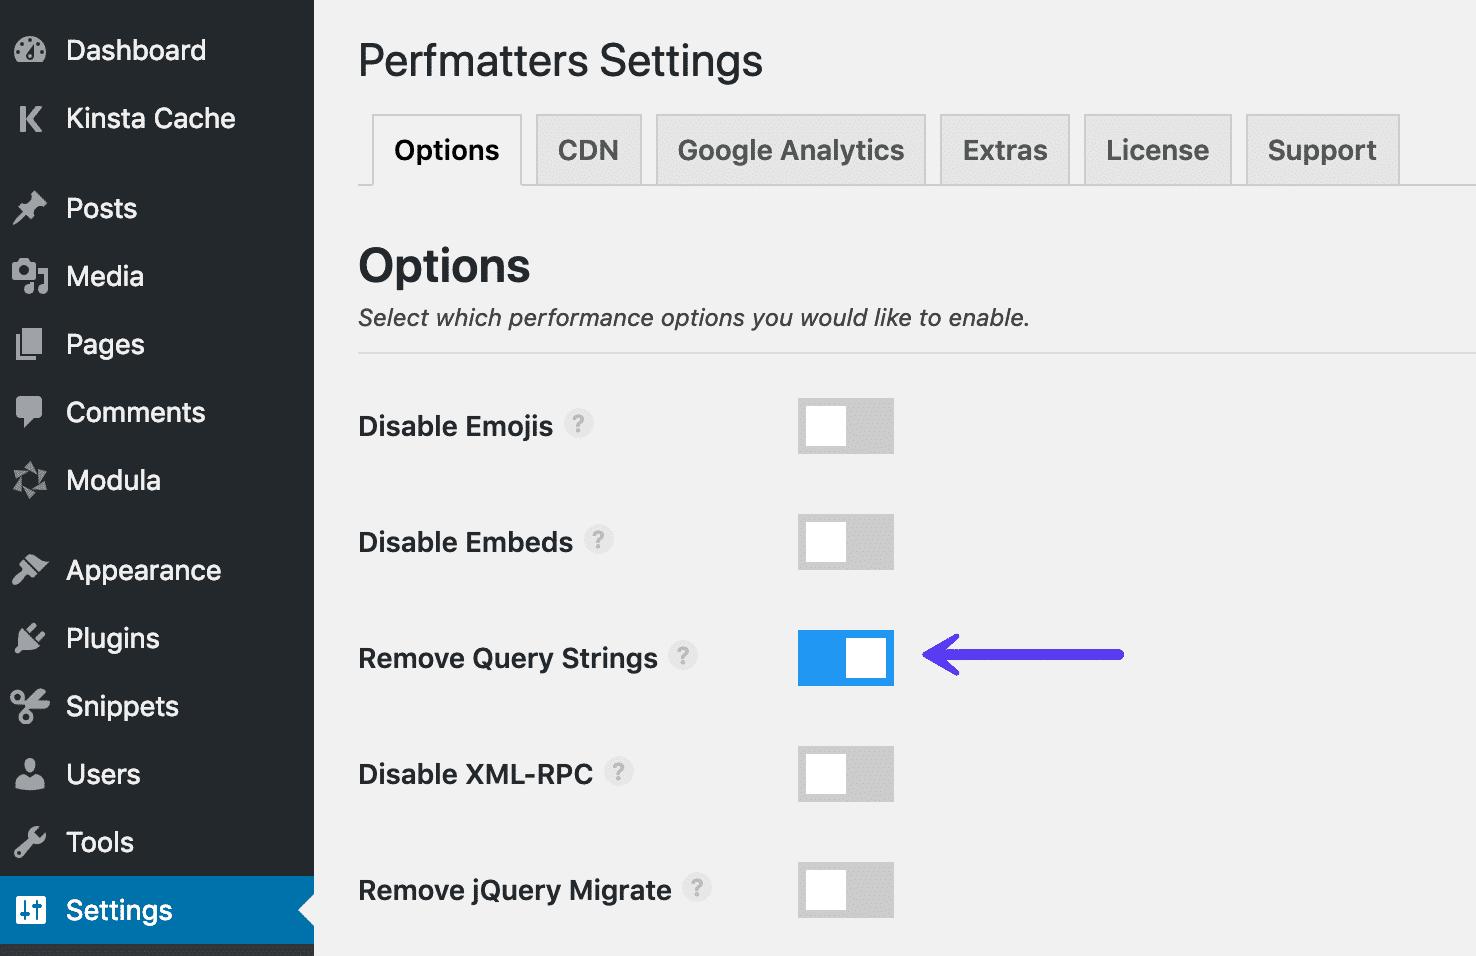 Verwijder query strings met perfmatters plug-in